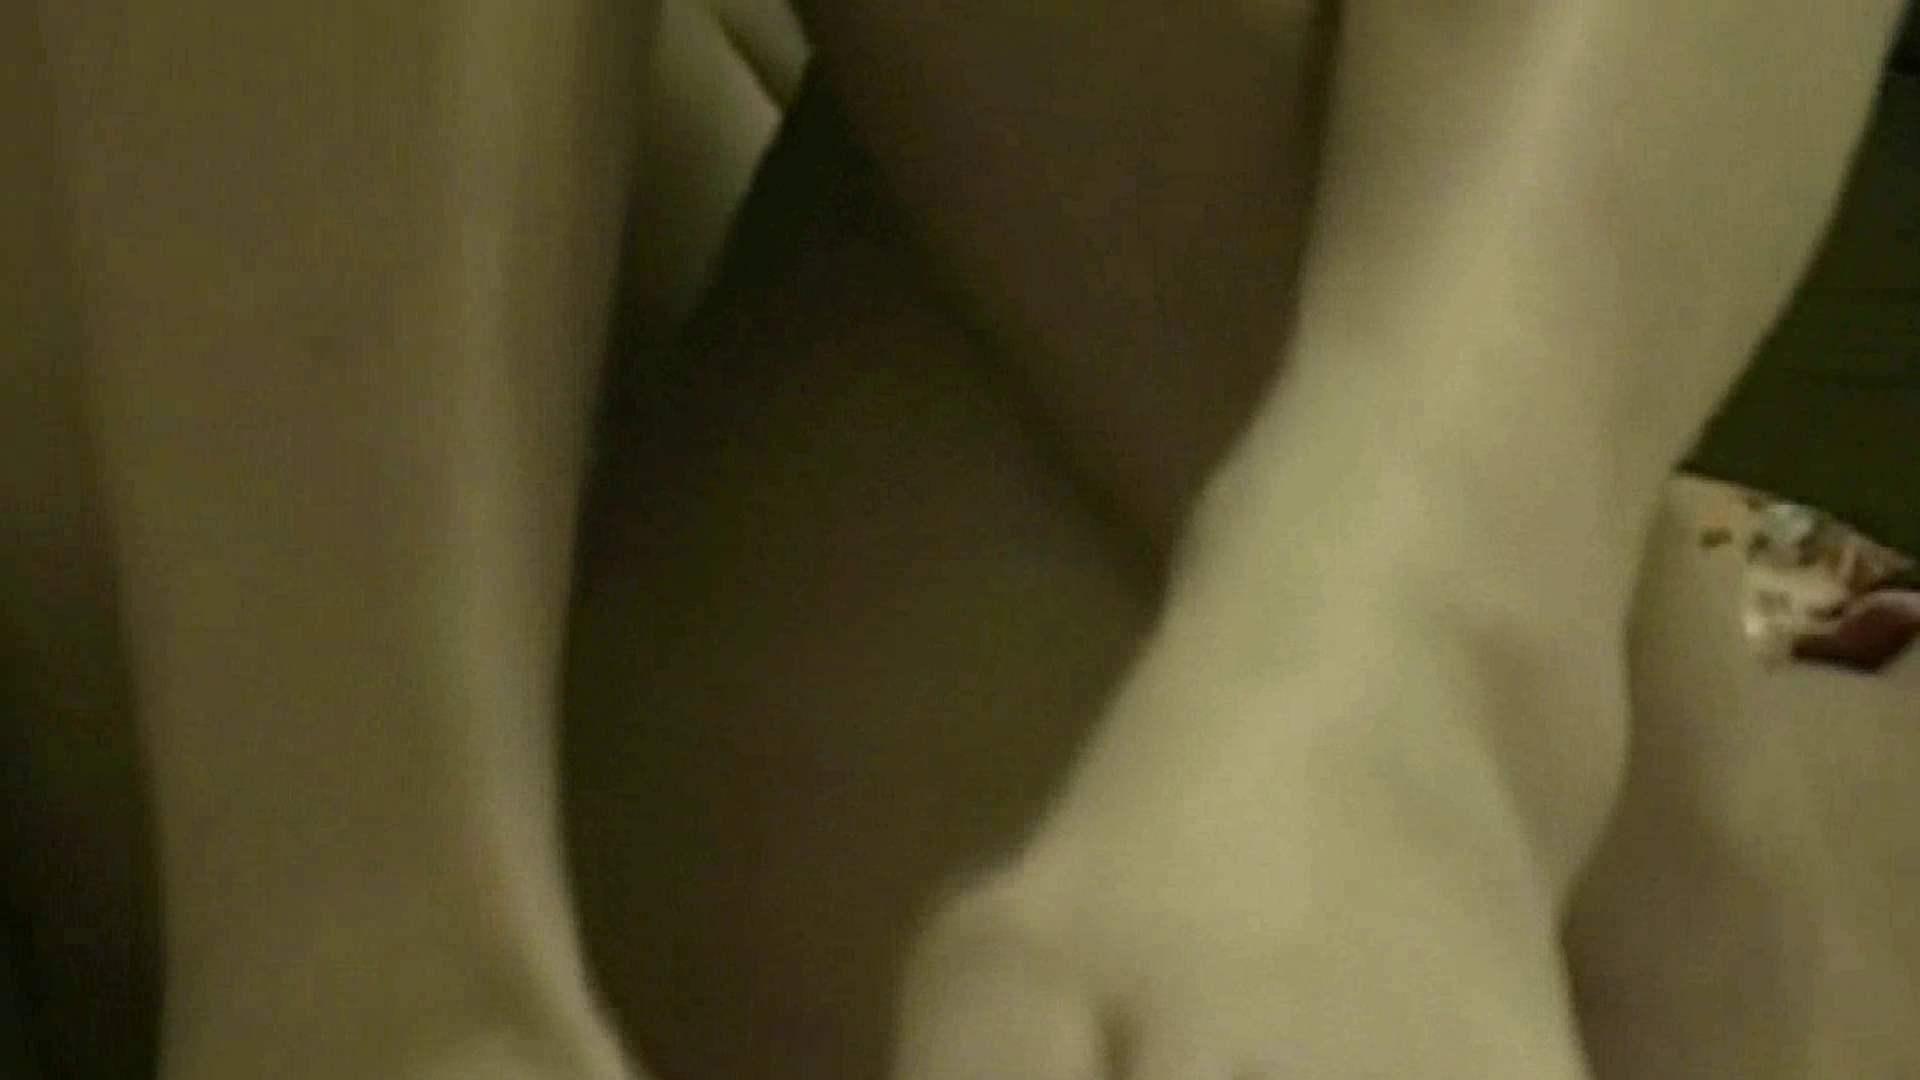 最愛の妻 TAKAKO 愛のSEX Vol.01 熟女のエッチ エロ無料画像 111pic 55